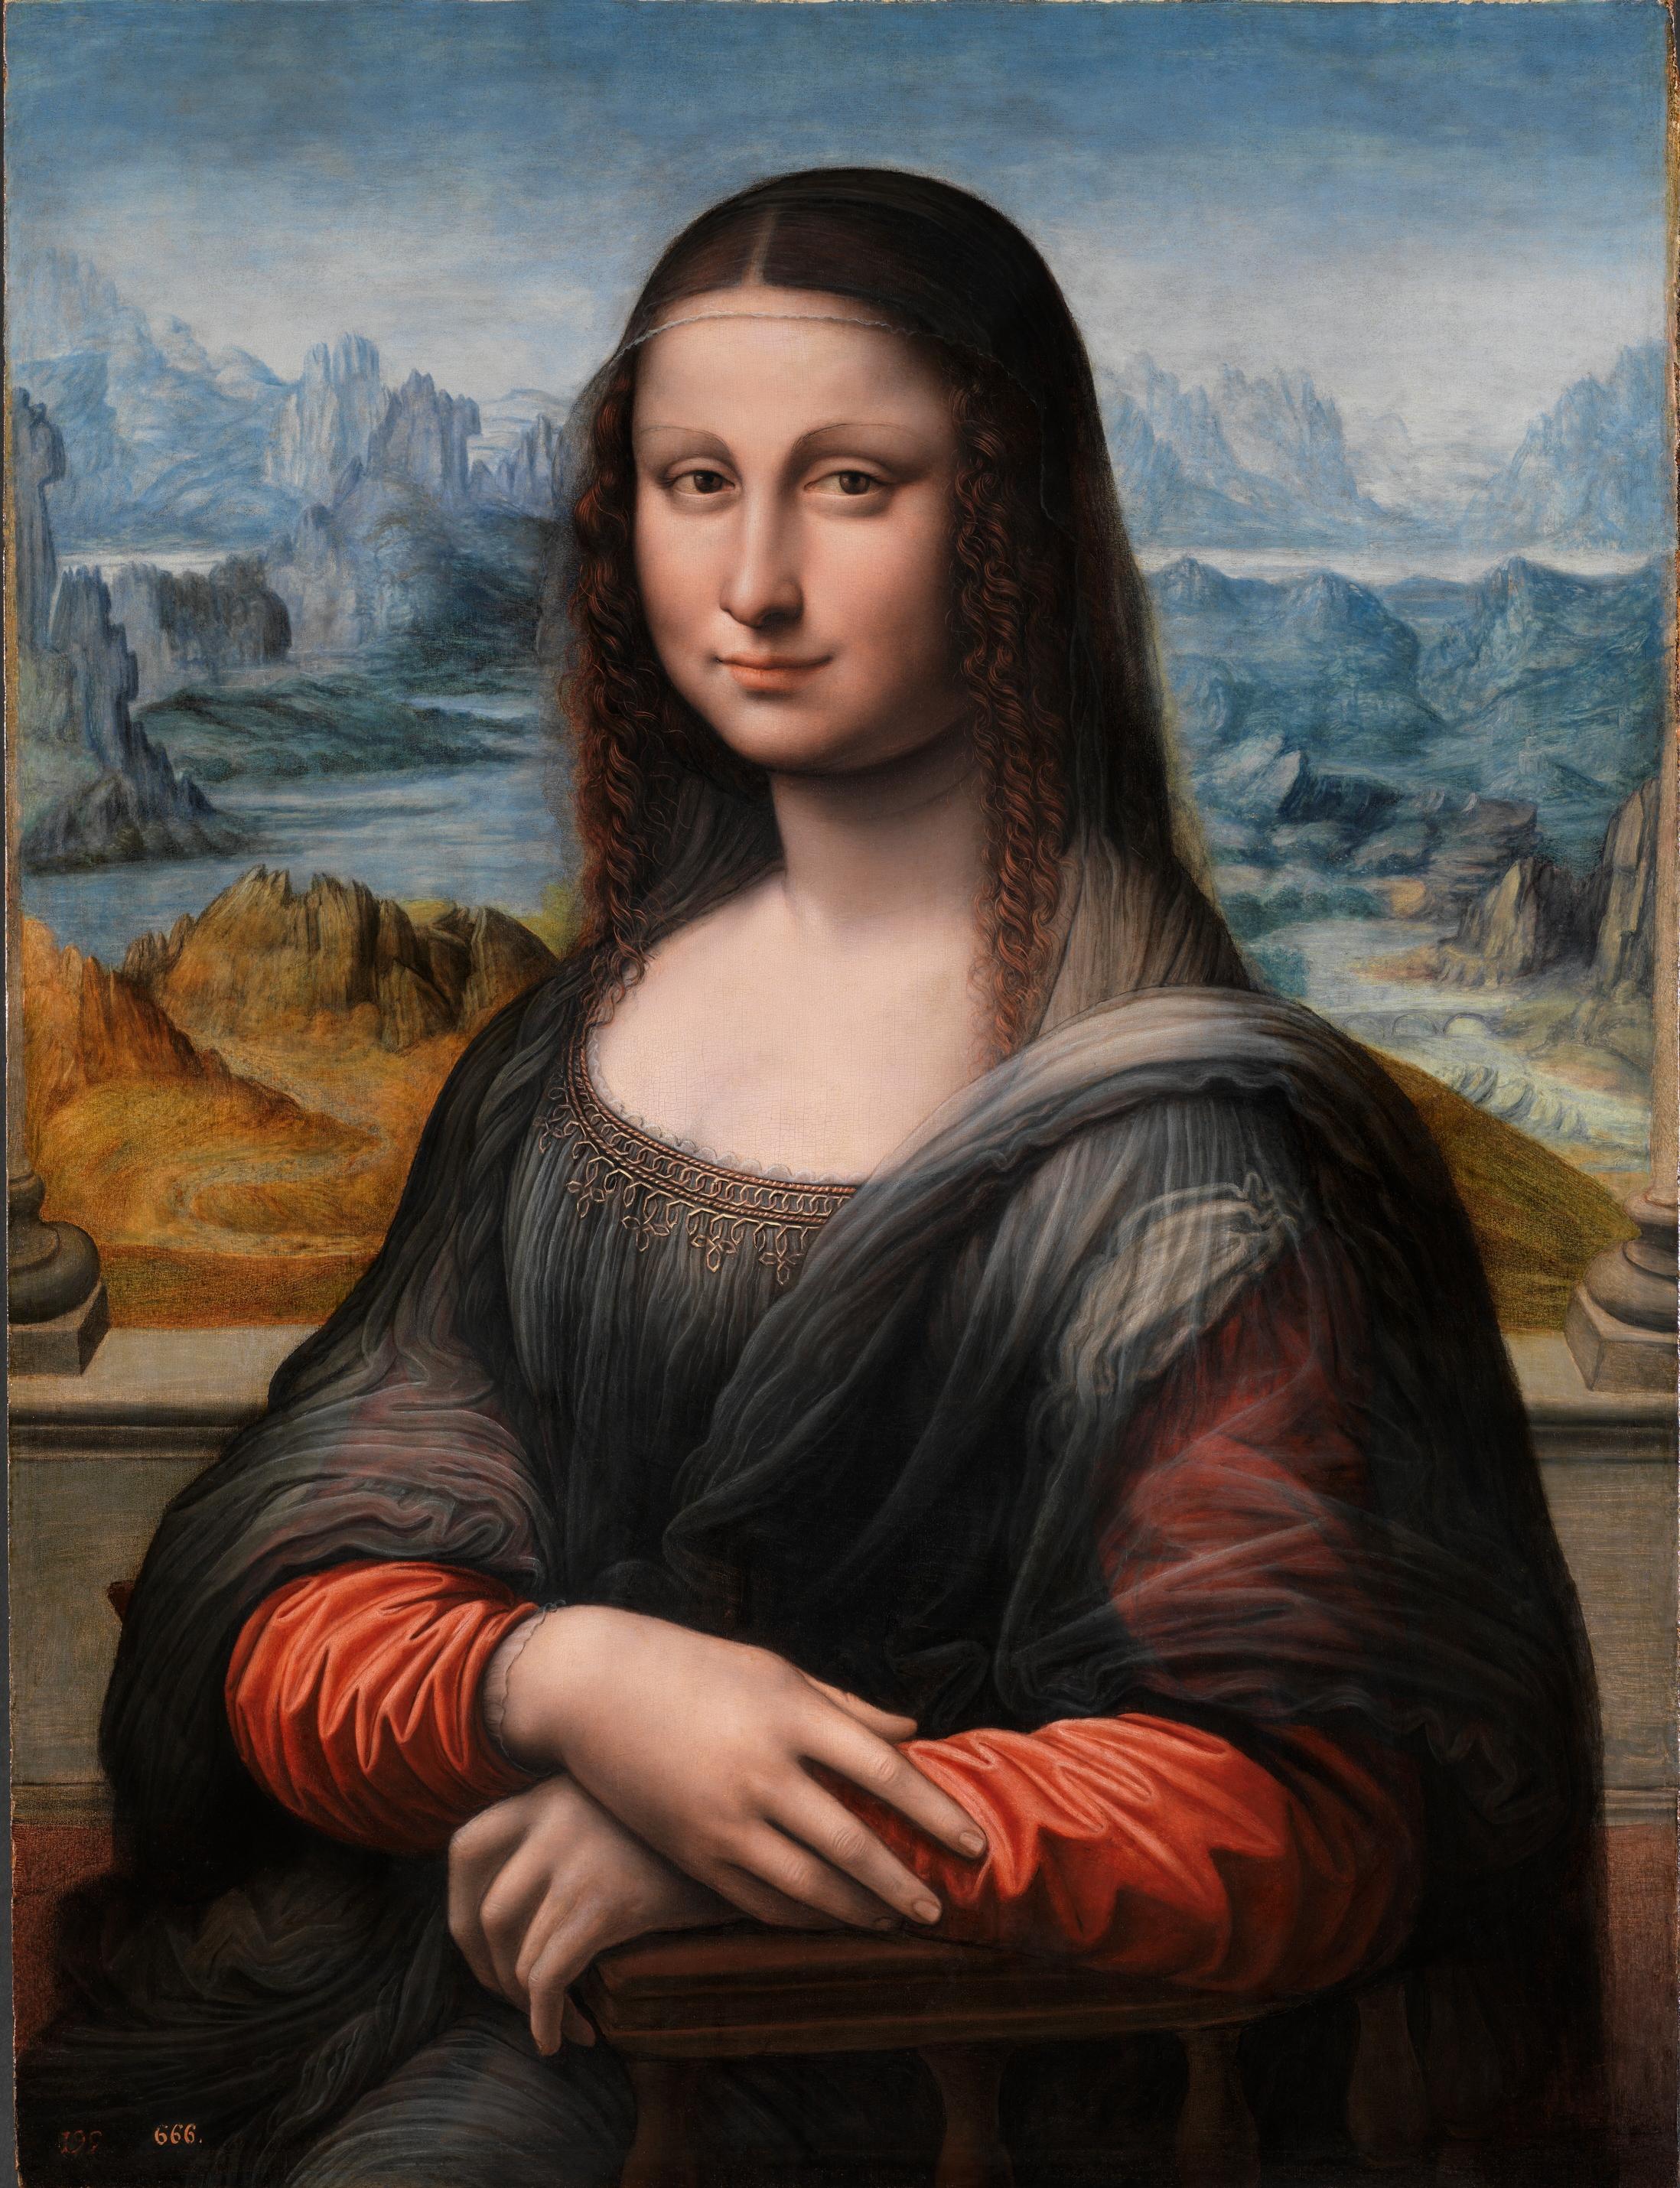 [Image: Gioconda_%28copia_del_Museo_del_Prado_restaurada%29.jpg]